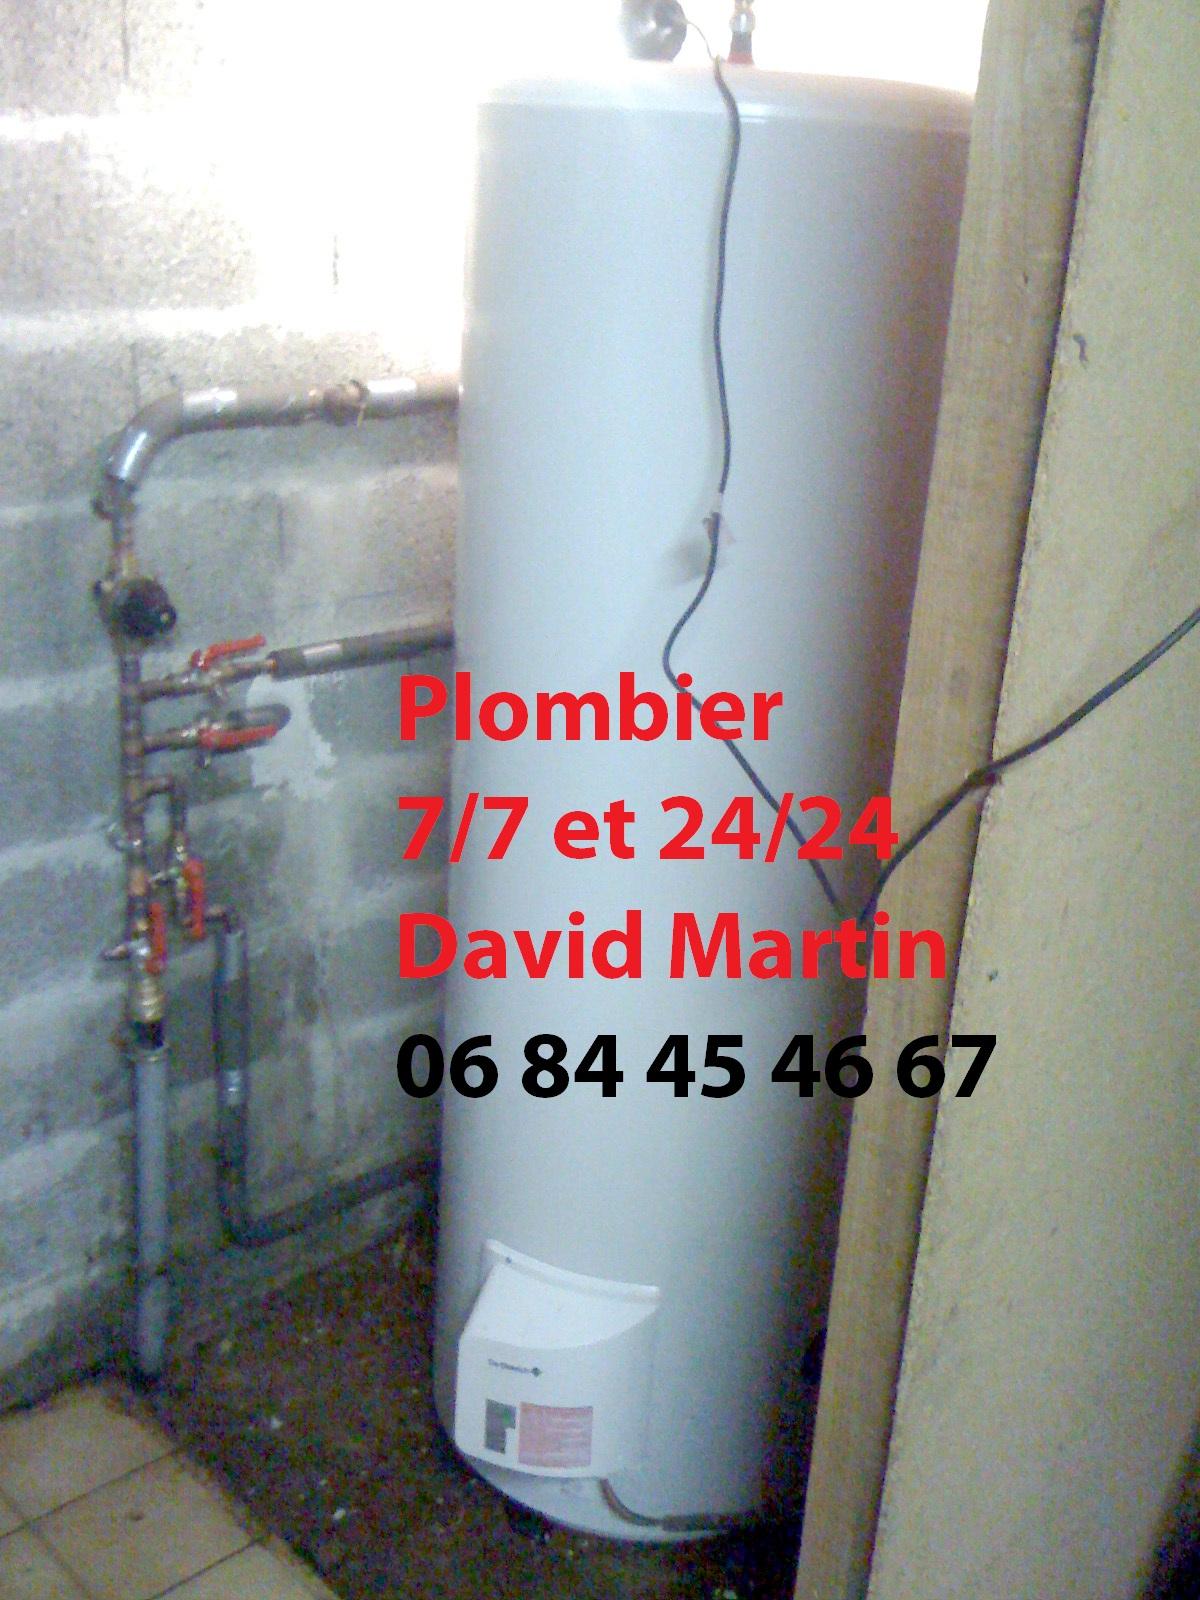 Apams plomberie d pannage sainte foy l s lyon 06 84 45 - Remplacement ballon eau chaude electrique ...